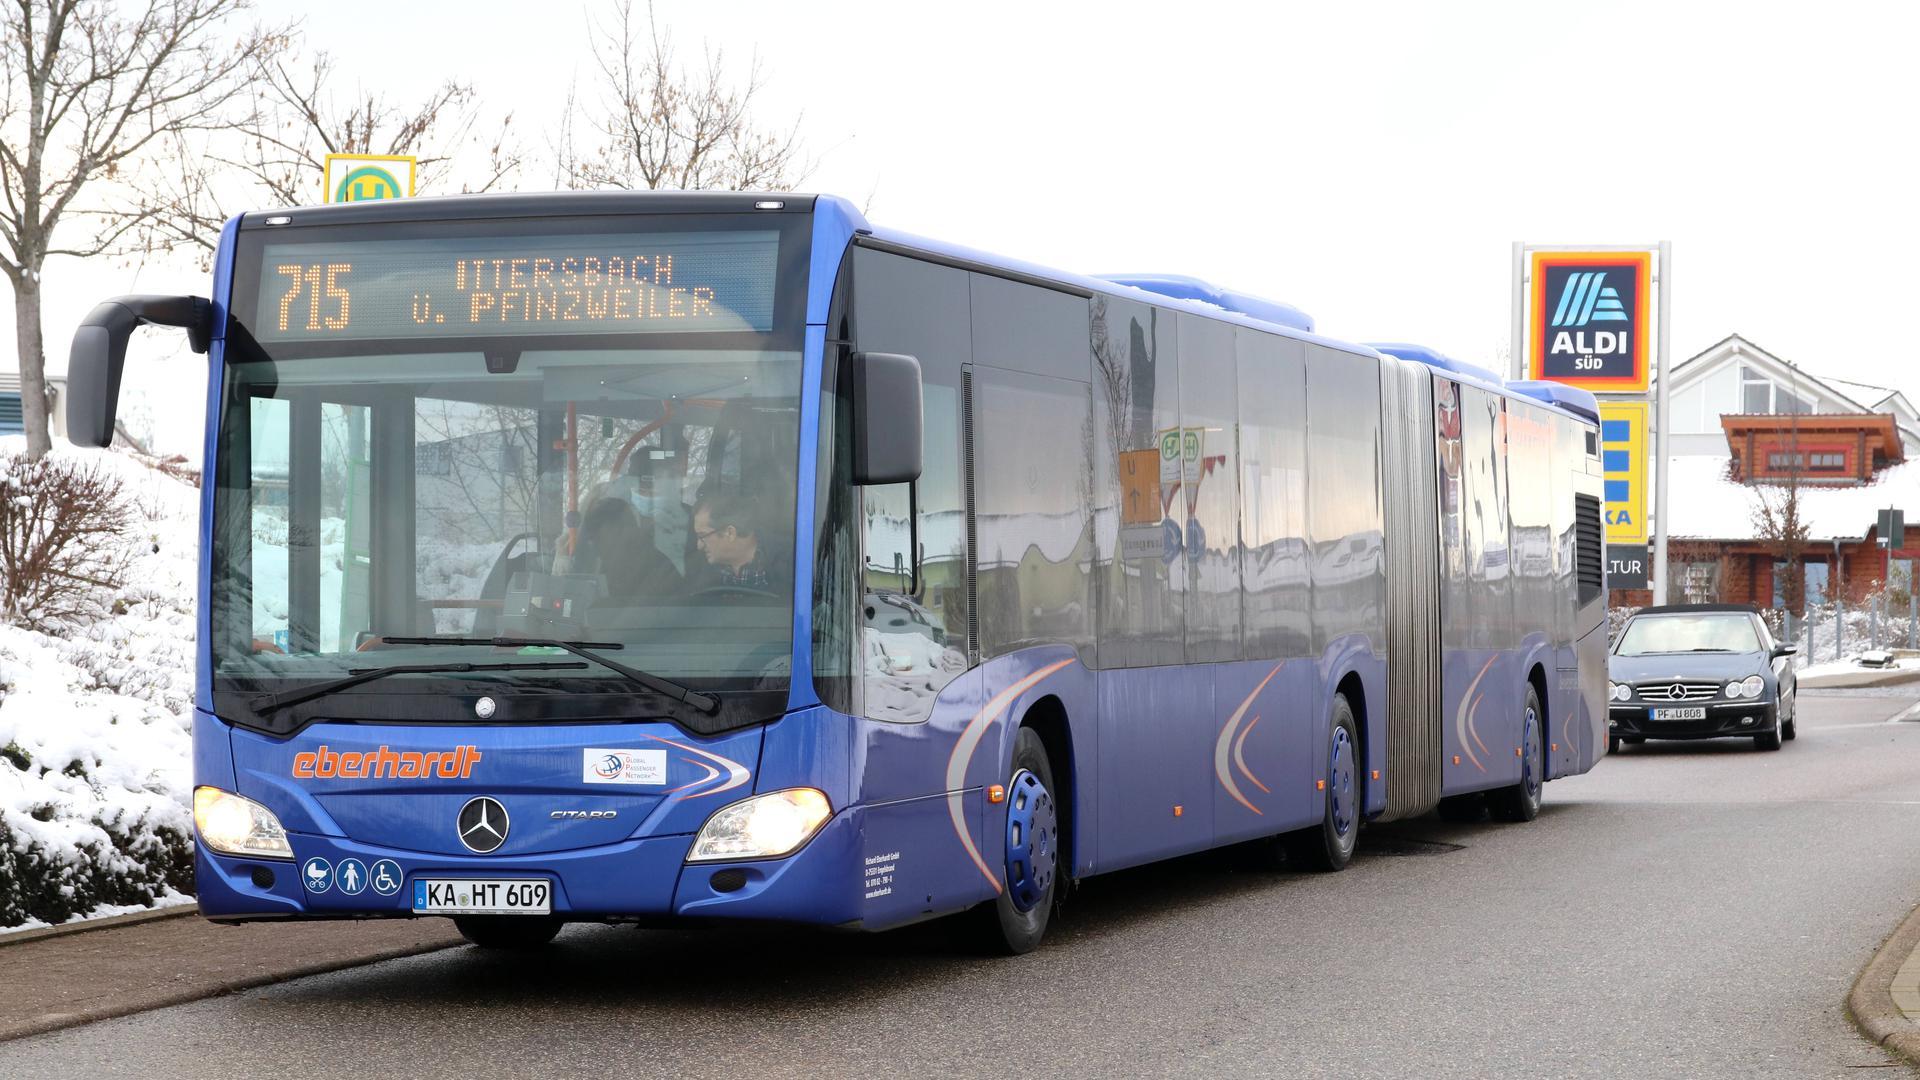 Wer fährt künftig im westlichen Enzkreis? Wegen einer falsch berechneten Frist ist die Vergabe der Buslinien an zwei Unternehmen kurzfristig geplatzt. Daher muss die Dienstleistung erneut ausgeschrieben werden.